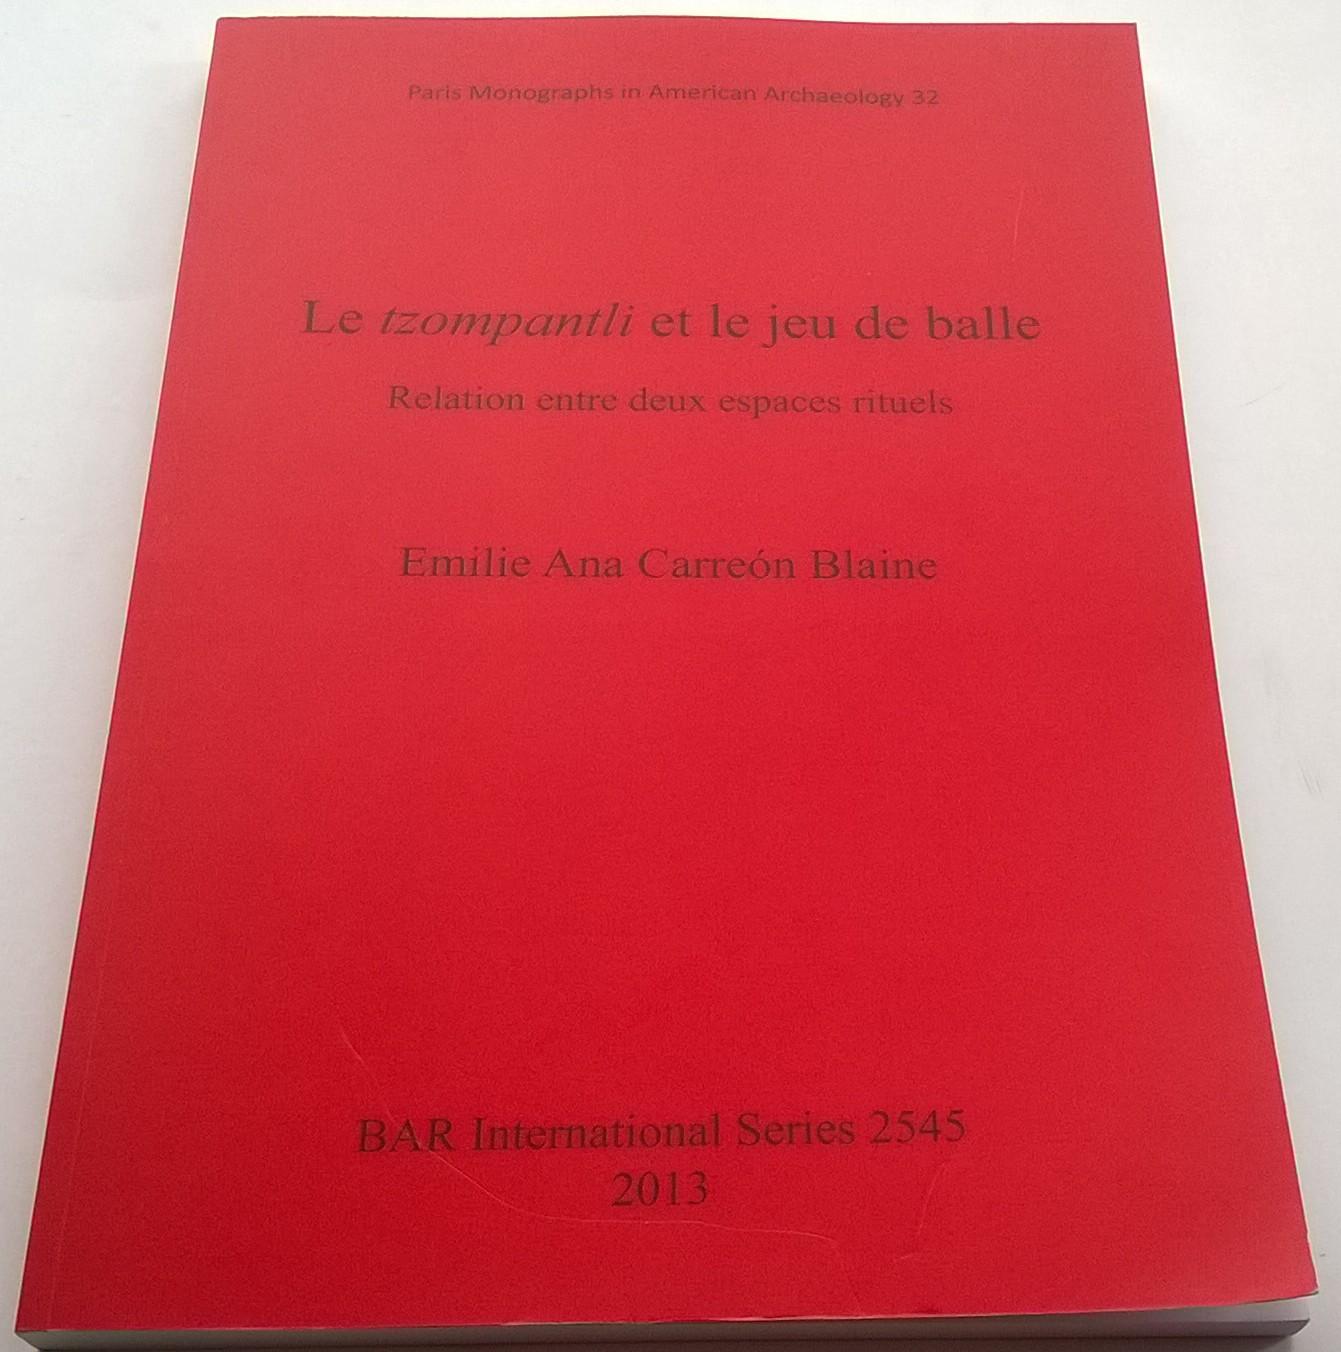 Le tzomapantli et le jeu de balle :Relation entre deux espaces rituels BAR International Series 2545, Carreon Blaine, Emilie Ana ;